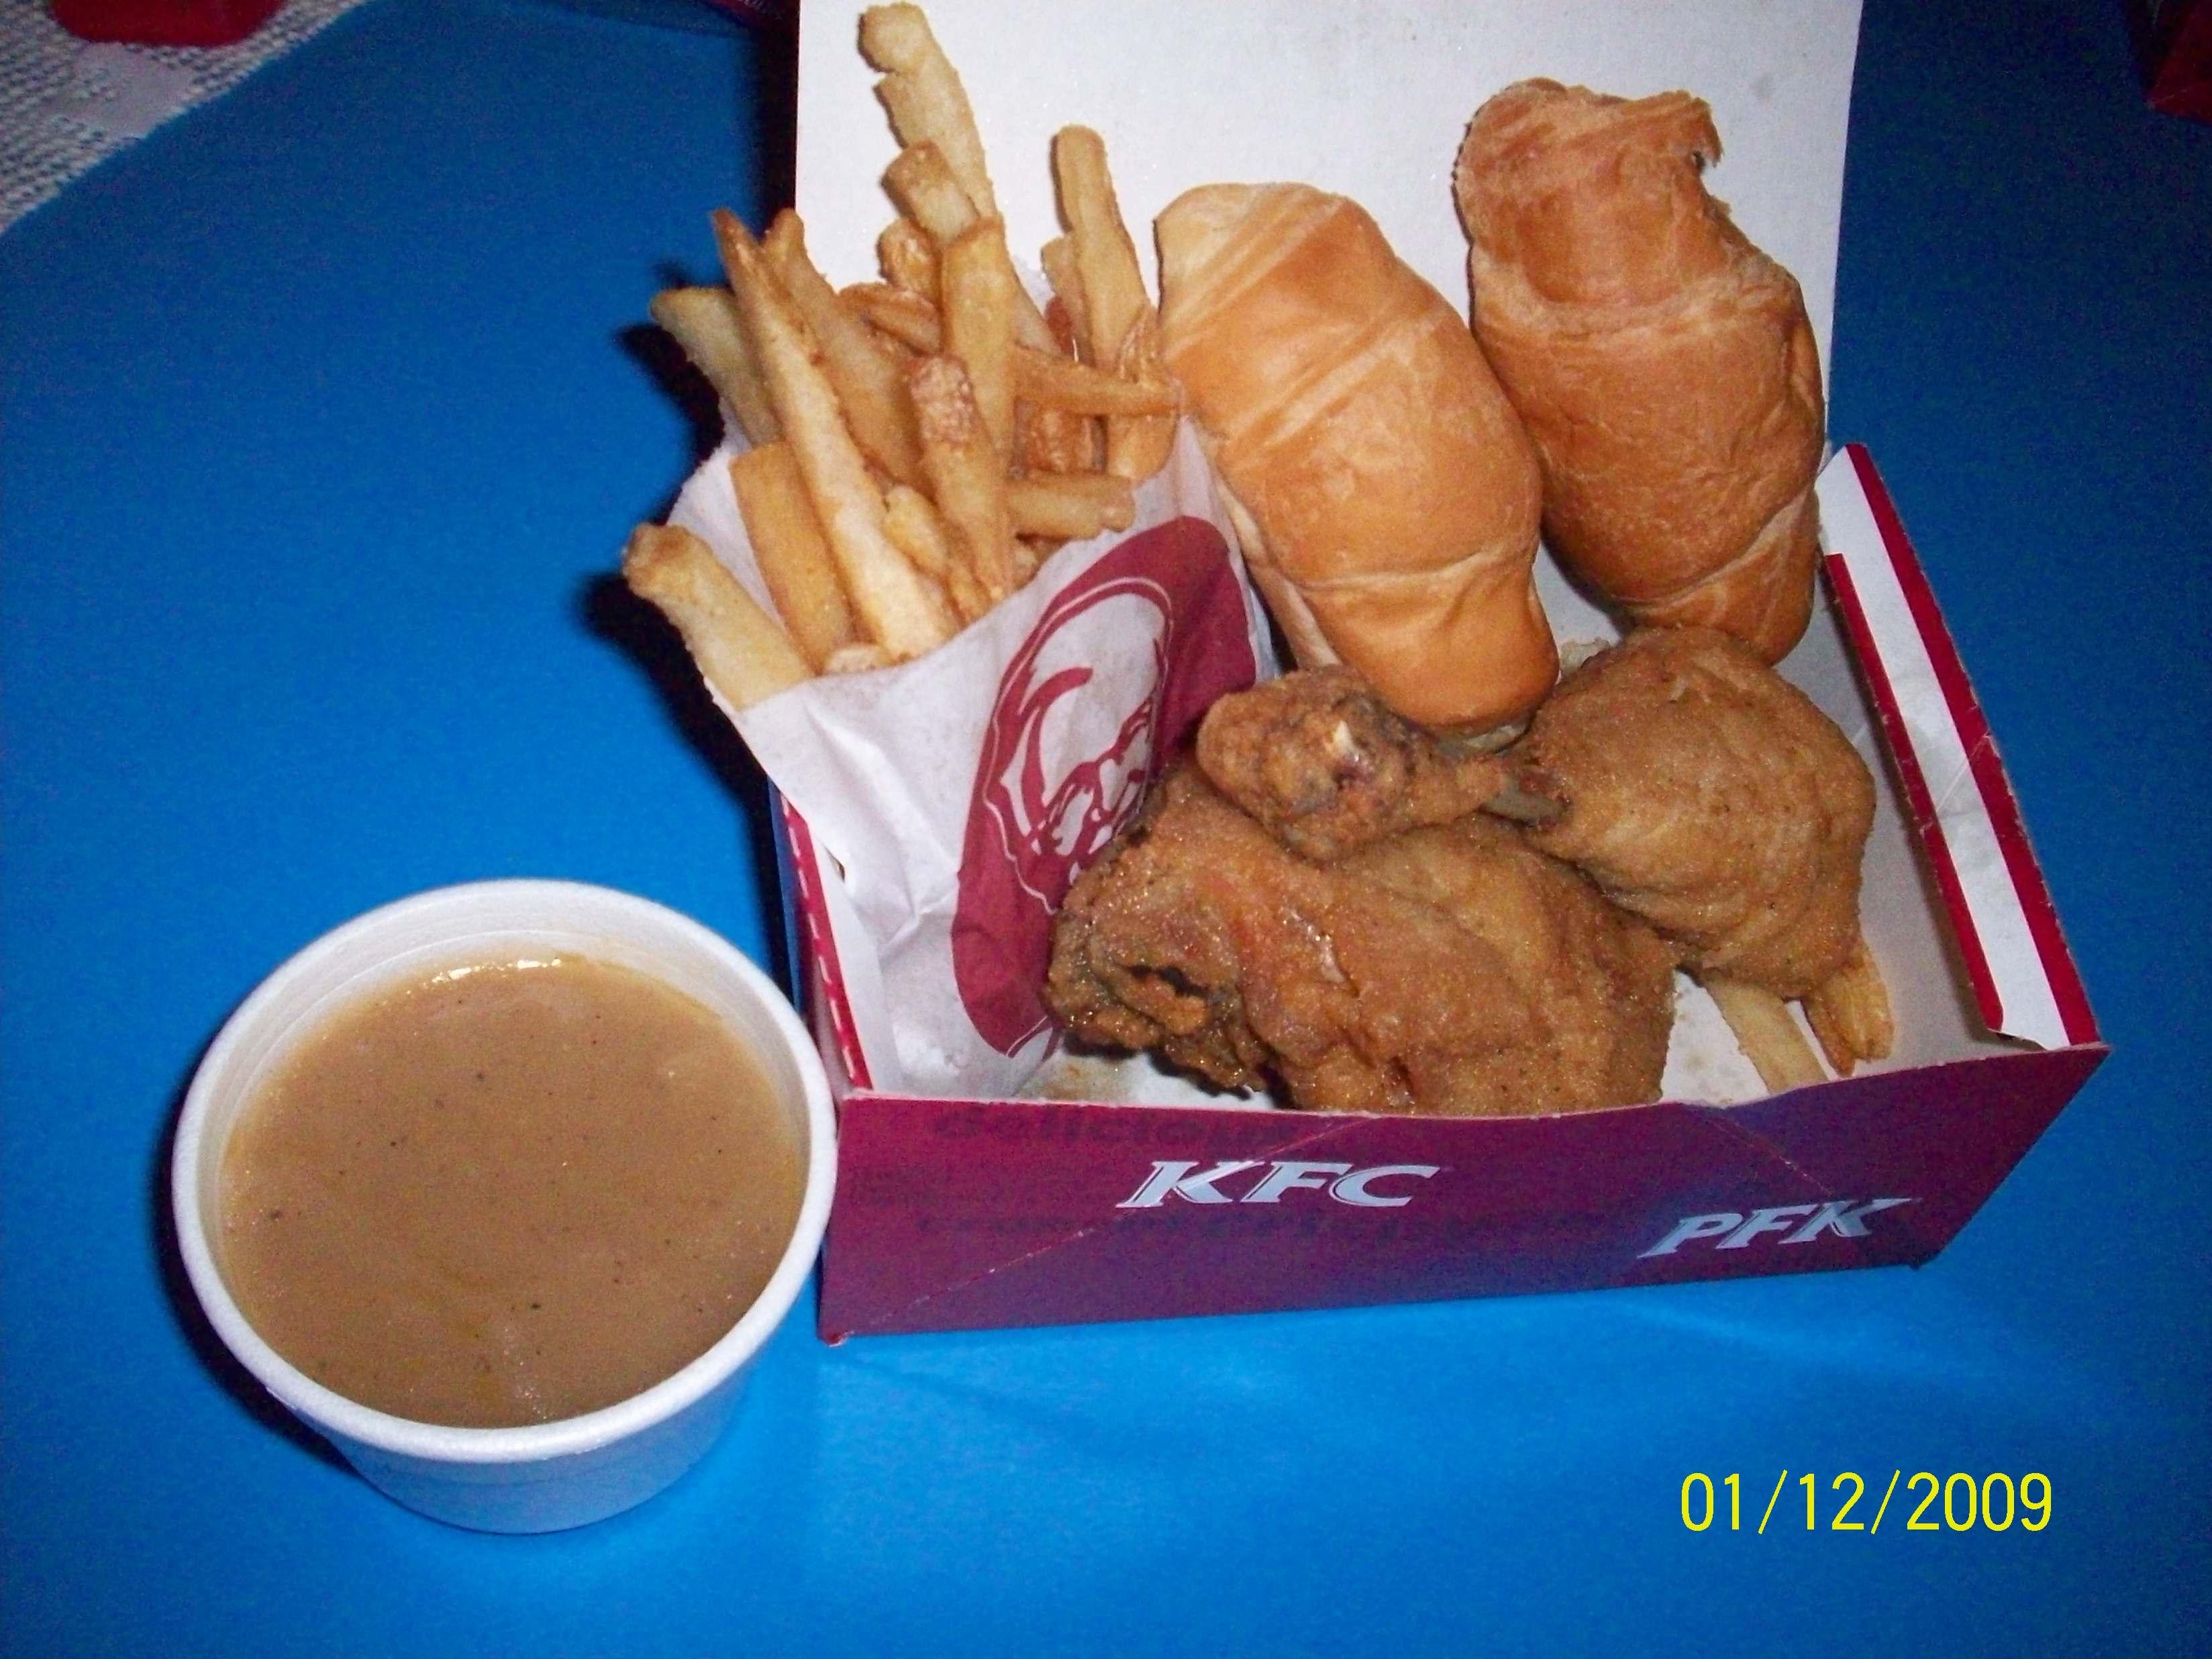 http://foodloader.net/cutie_2009-12-01_KFC_Toonies_plus_Croissants.jpg